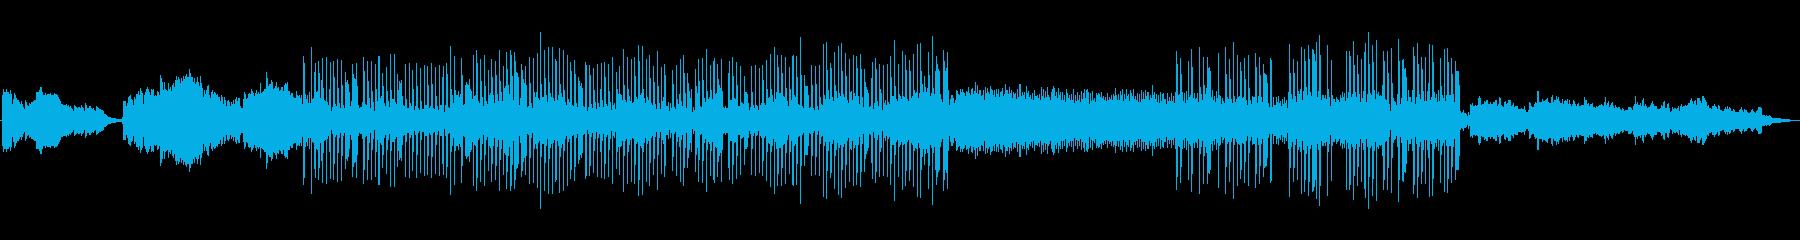 電気環境研究所スペーシー催眠物思い。の再生済みの波形